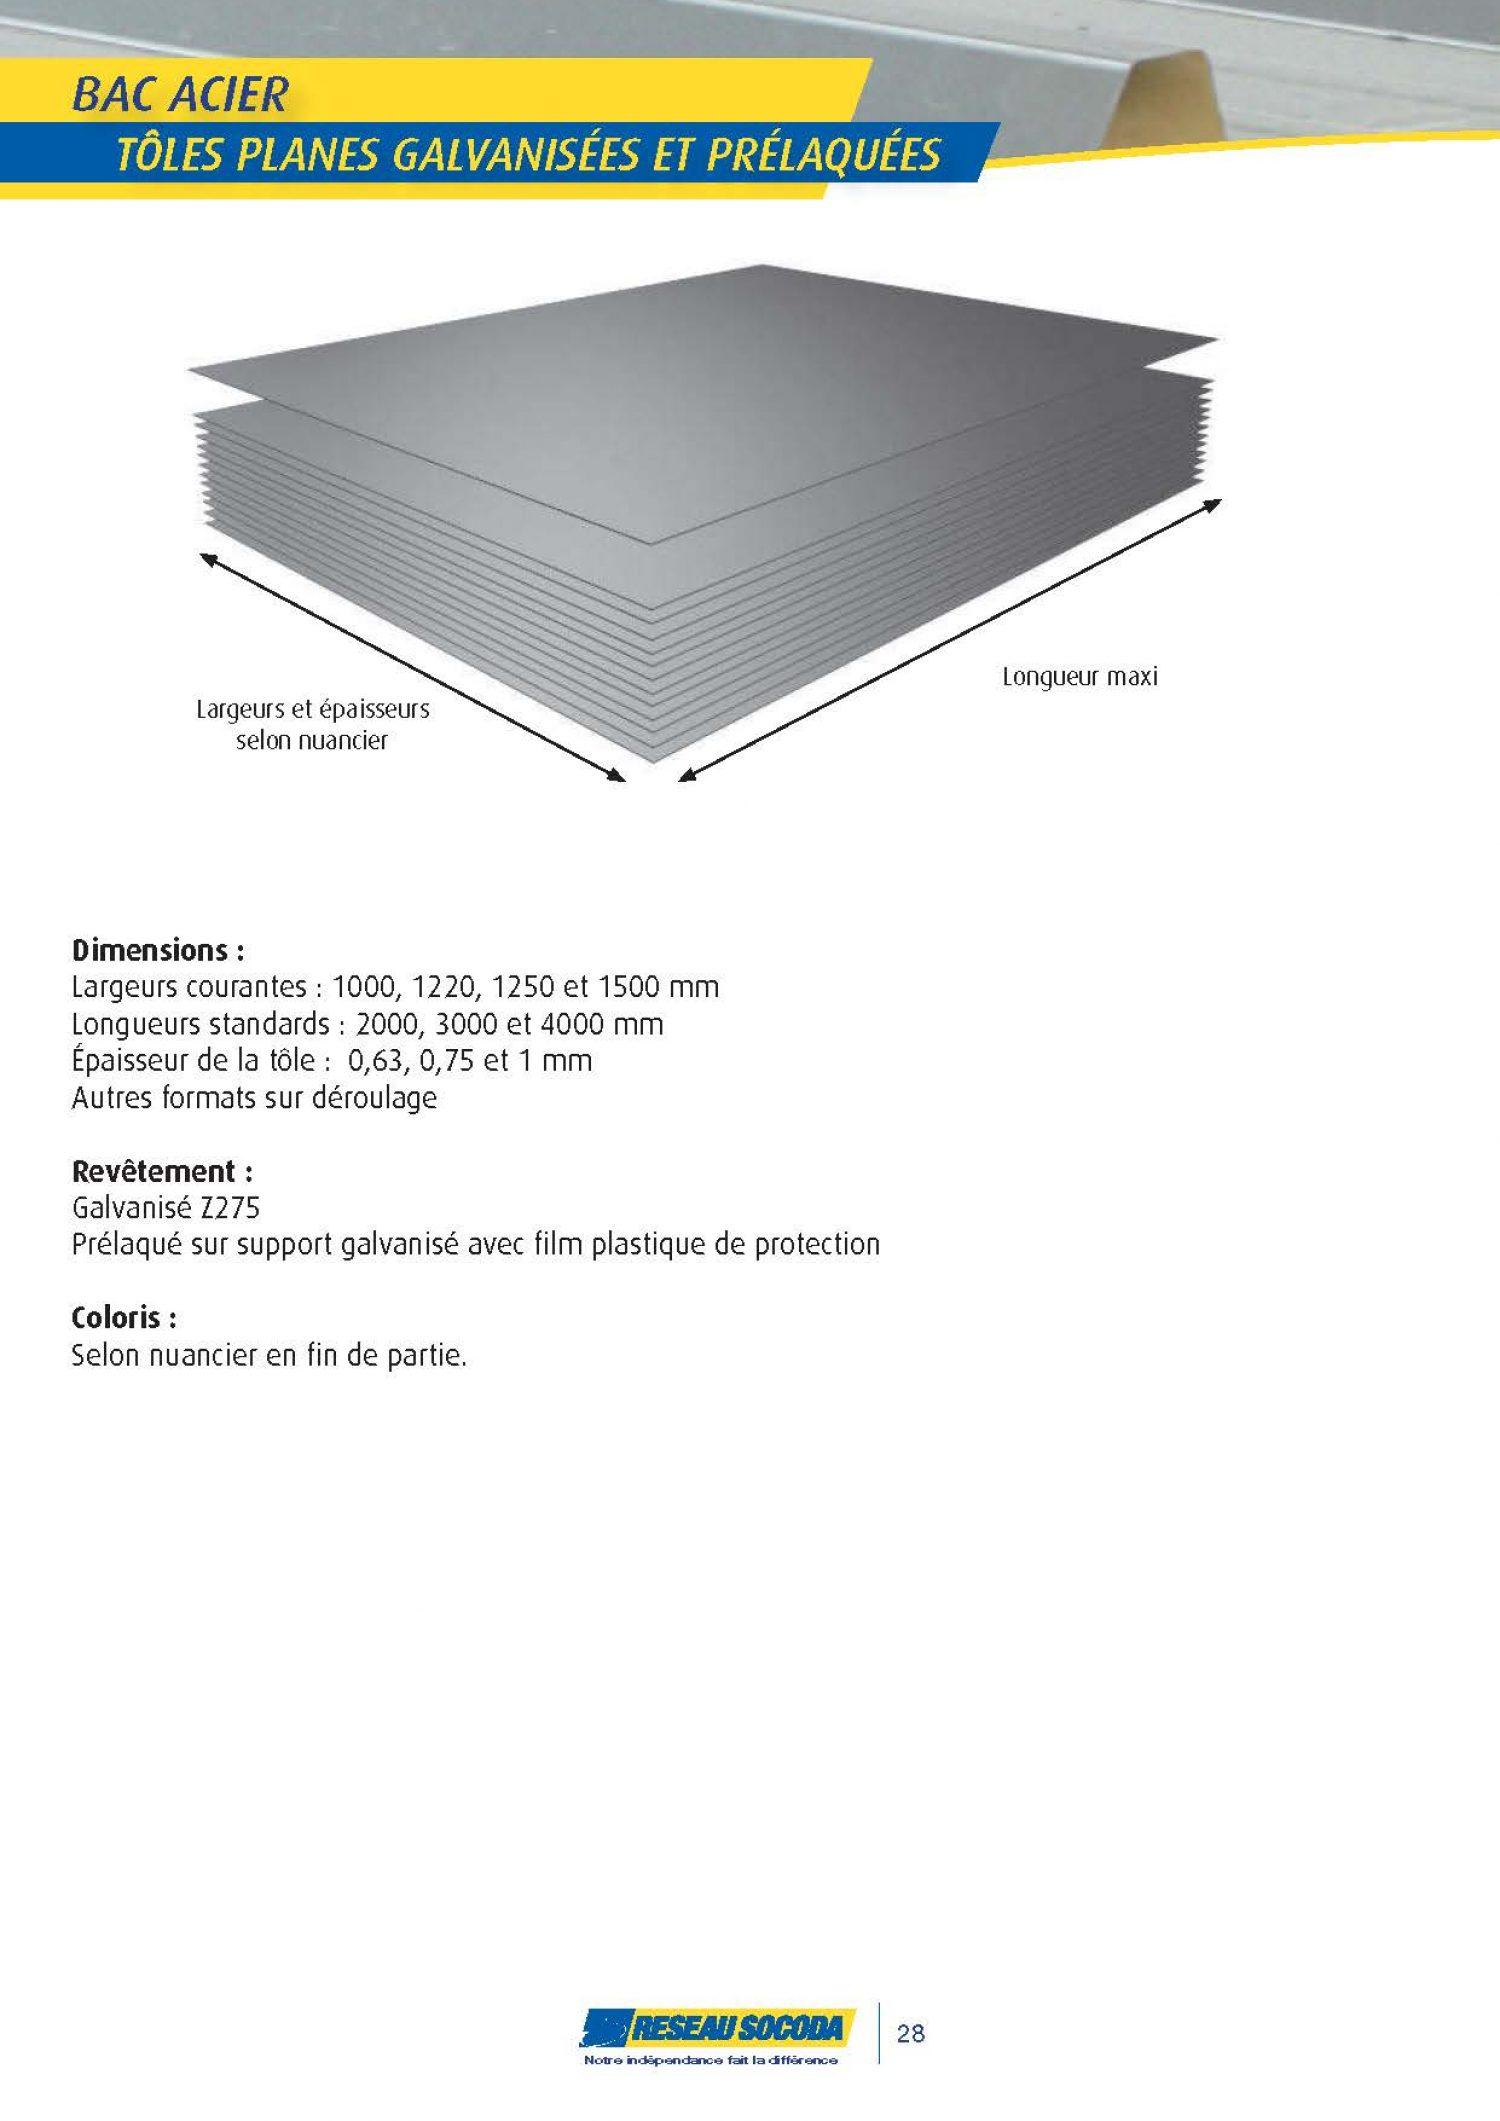 GERMOND_2014 PROFIL BATIMENT_20140324-184231_Page_28